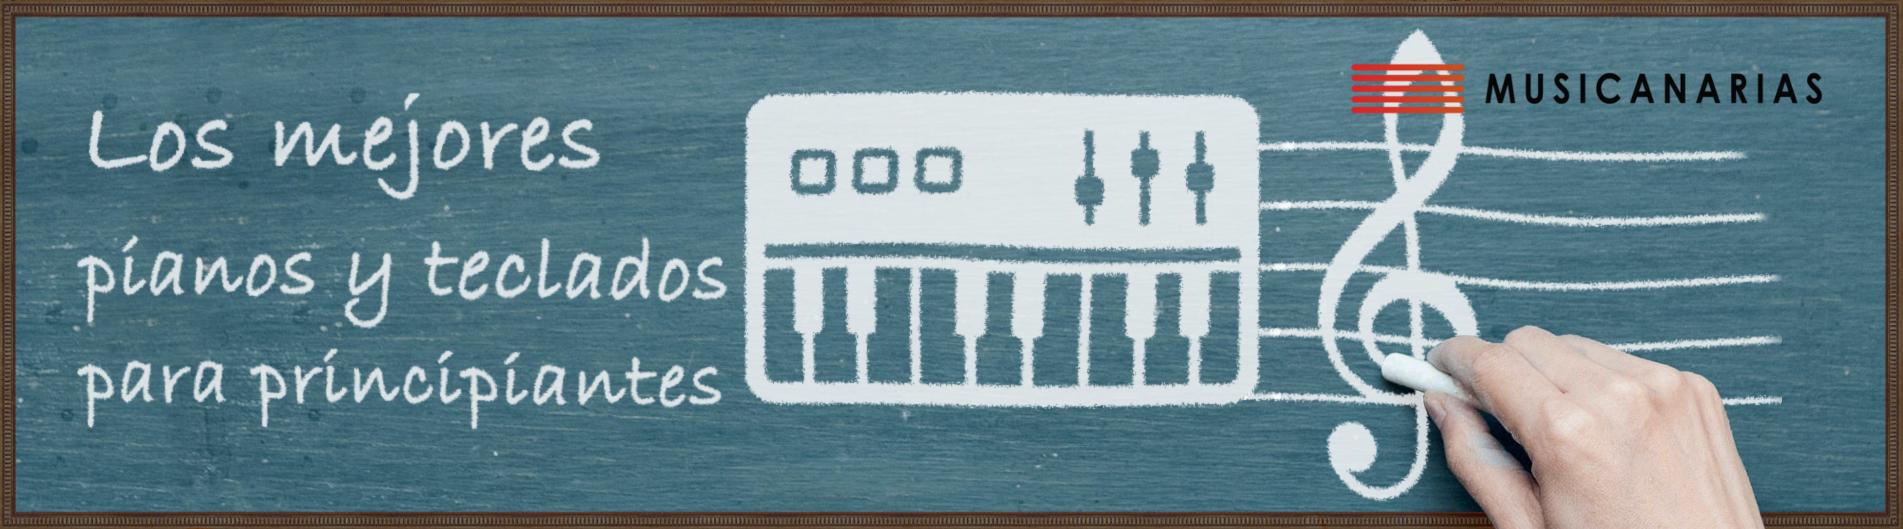 Los mejores teclados y pianos para principiantes